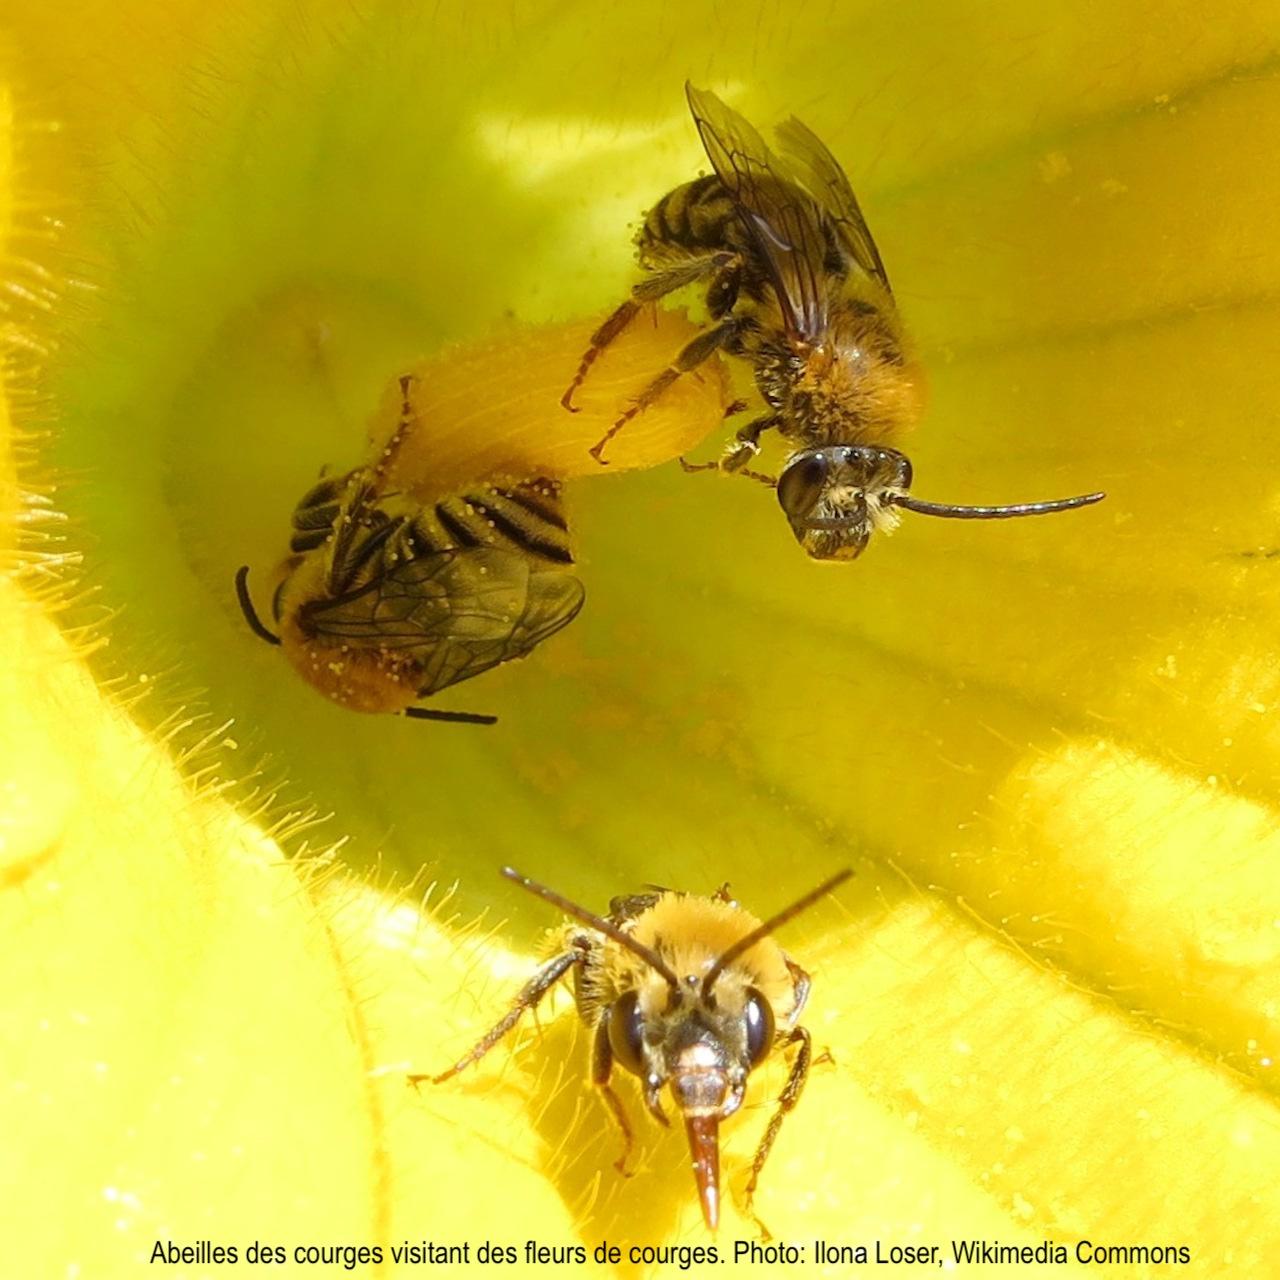 Trois abeilles des courges mâles visitant une fleur de courge jaune.